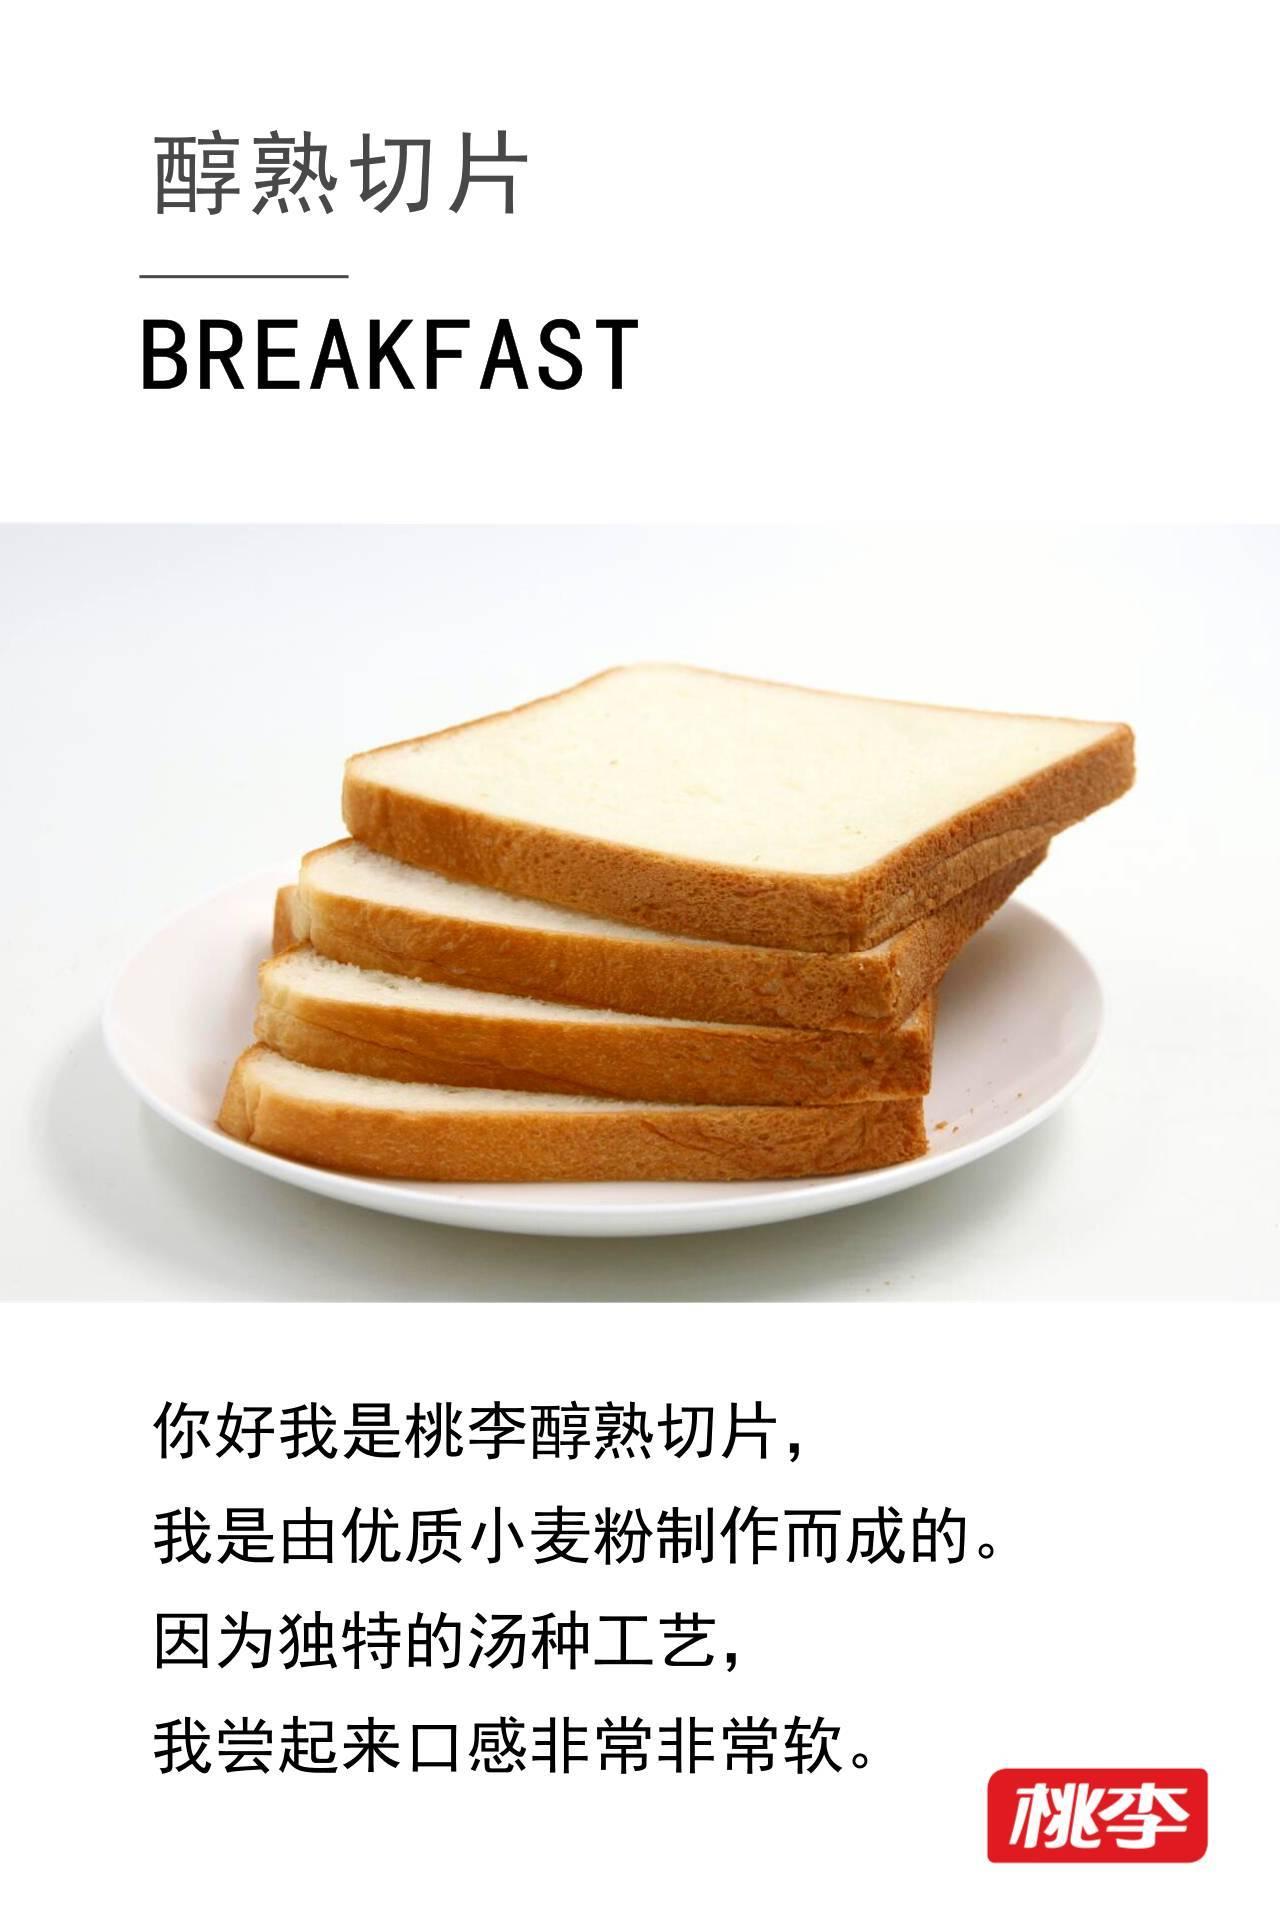 星搭档 鲜切面包 醇熟面包休闲糕点申滋味食品整箱... _阿里巴巴